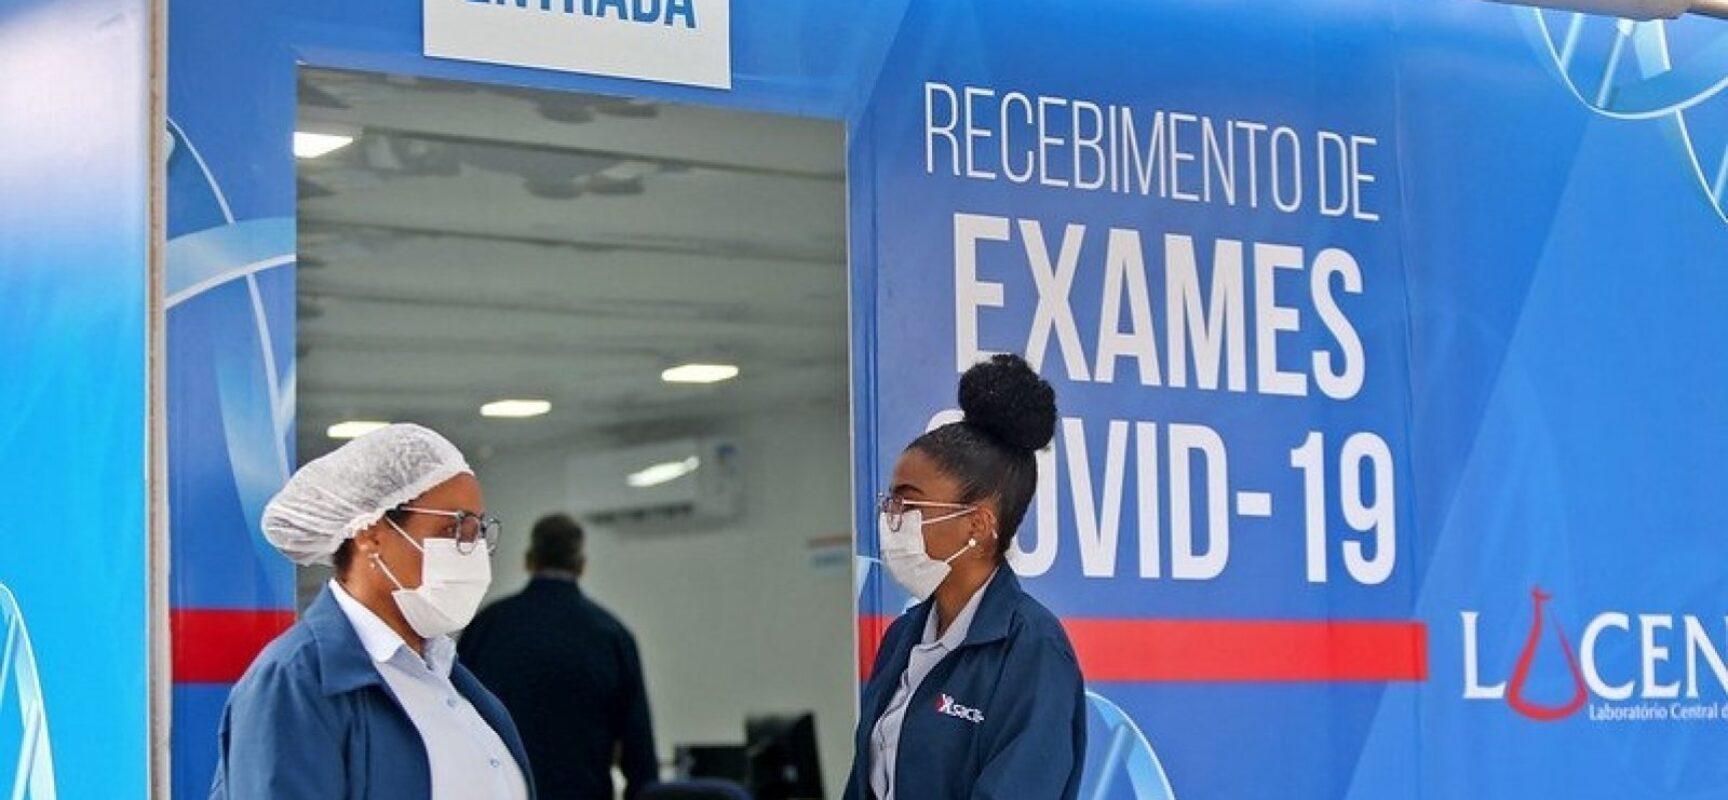 Covid-19: Salvador registra 168 novos casos e 8 mortes pela doença